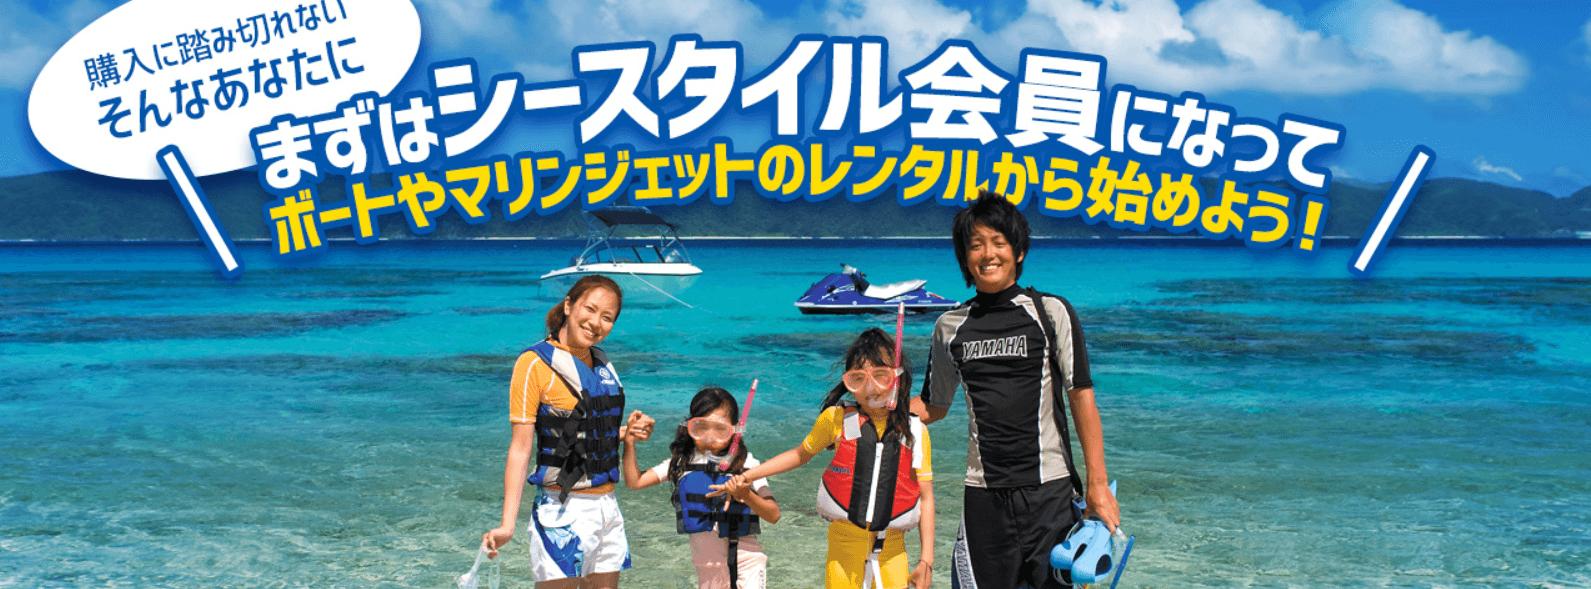 ヤマハ Sea‐Style(シースタイル) 最大24カ月分をキャッシュバックキャンペーン! ジェットスキー(水上バイク)